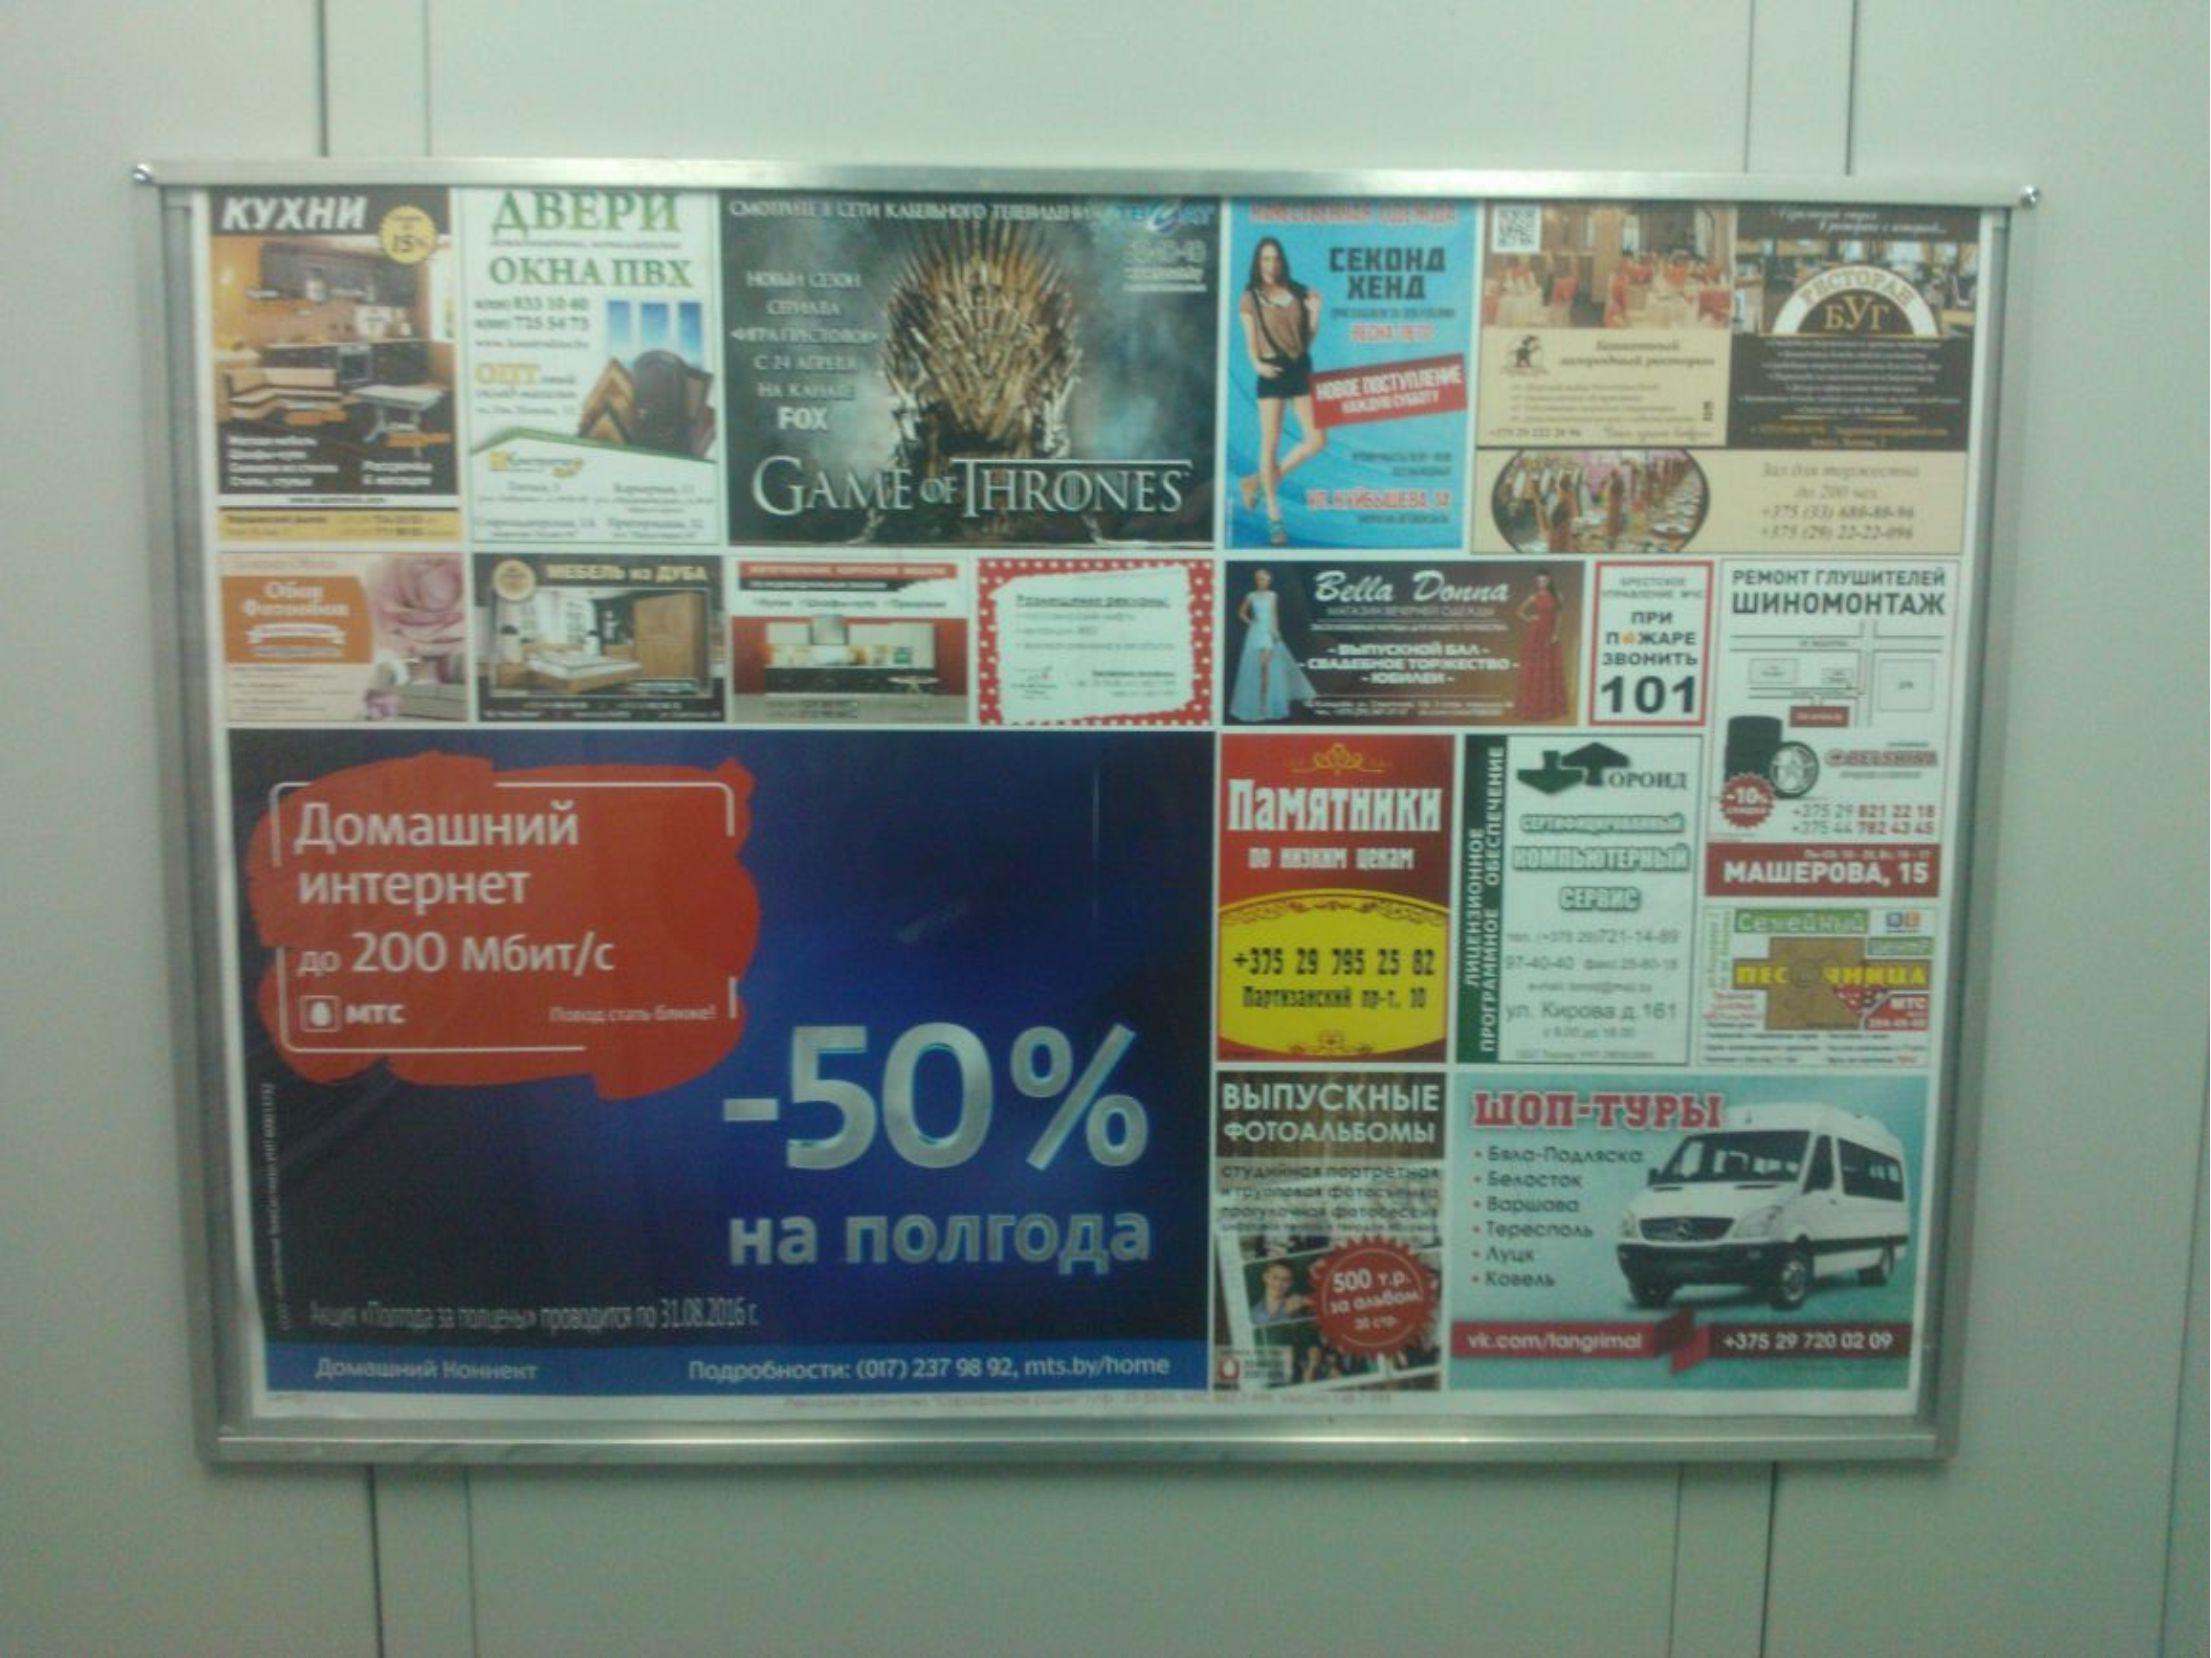 Фотоотчет размещения рекламы в лифтах г. Бреста